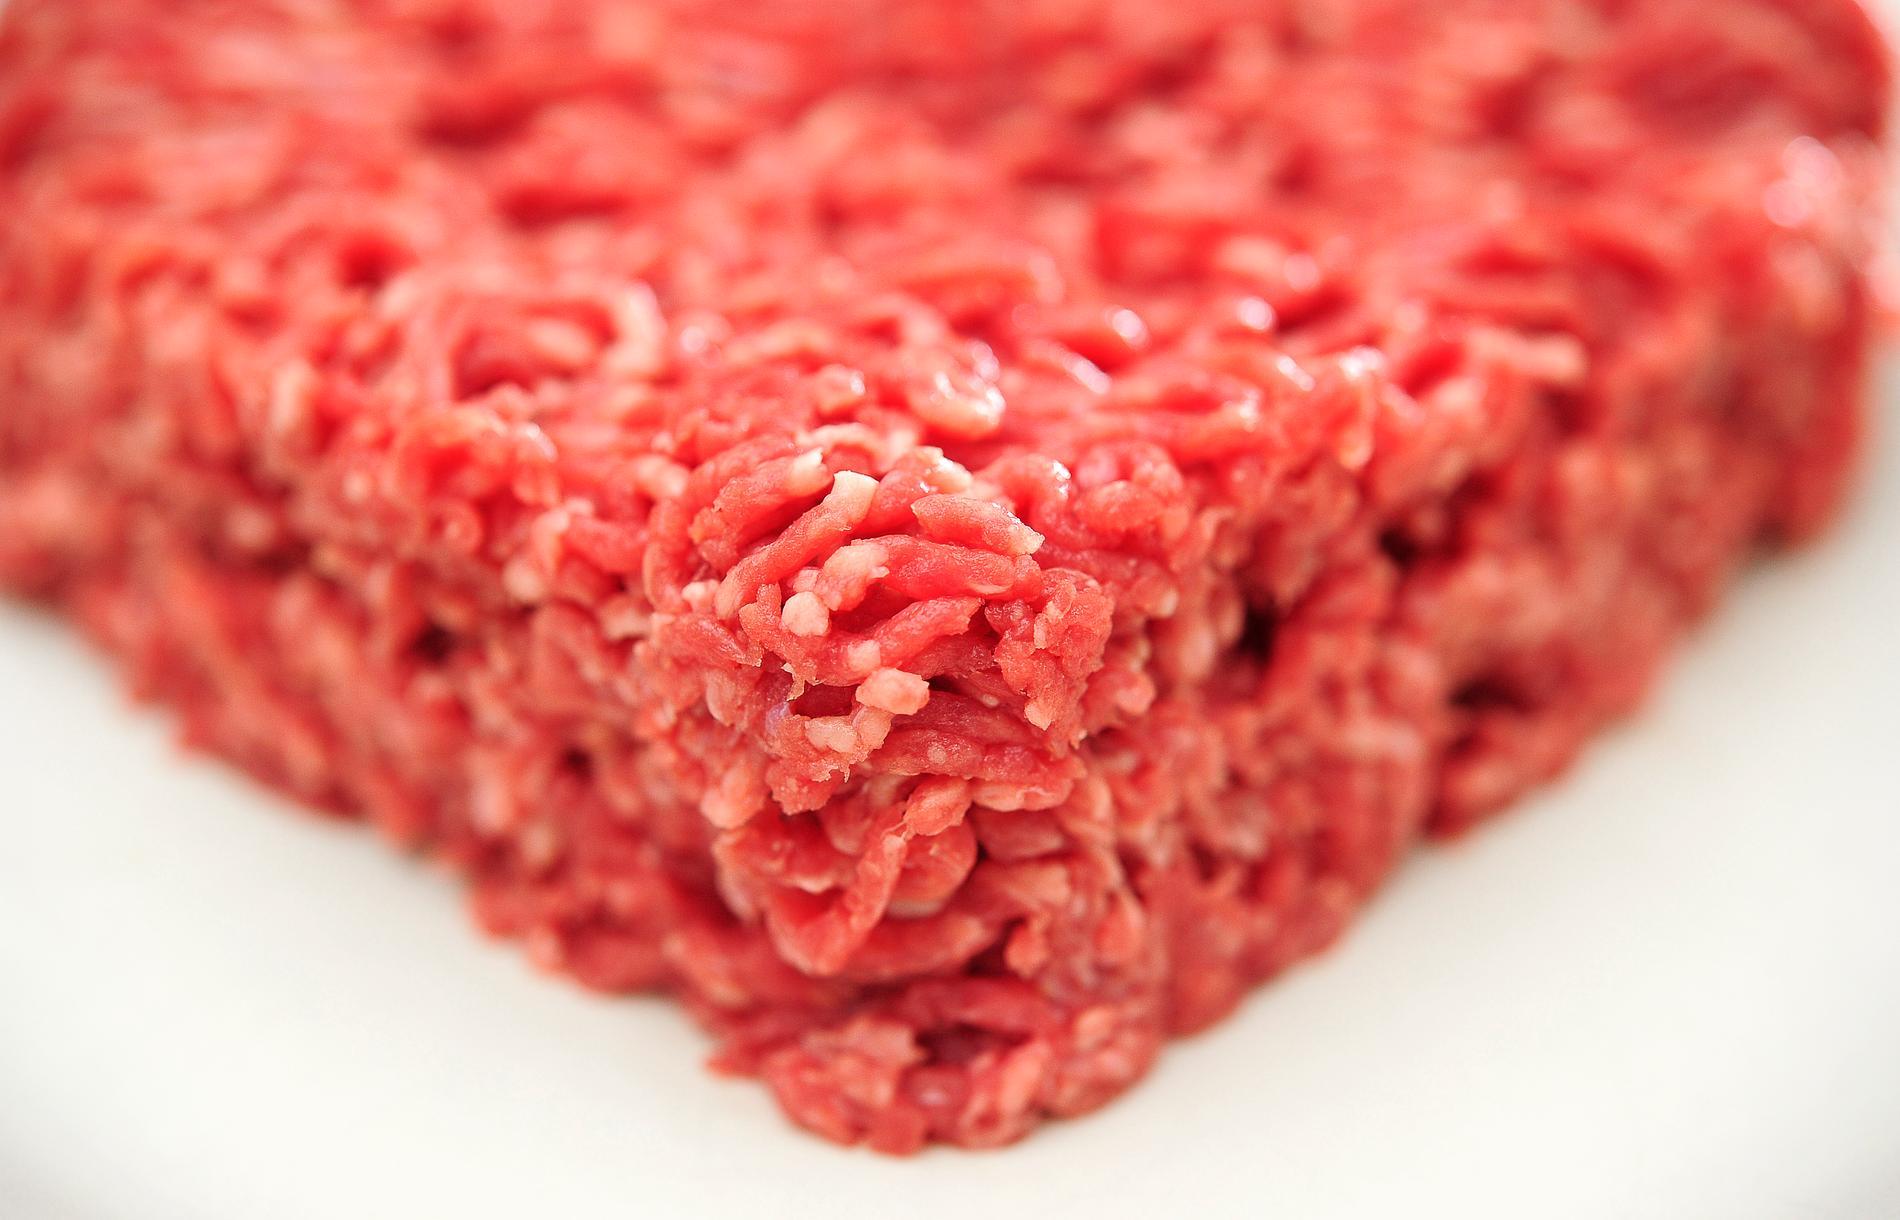 Salmonella har hittats i nötfärs från Lidl. Arkivbild.